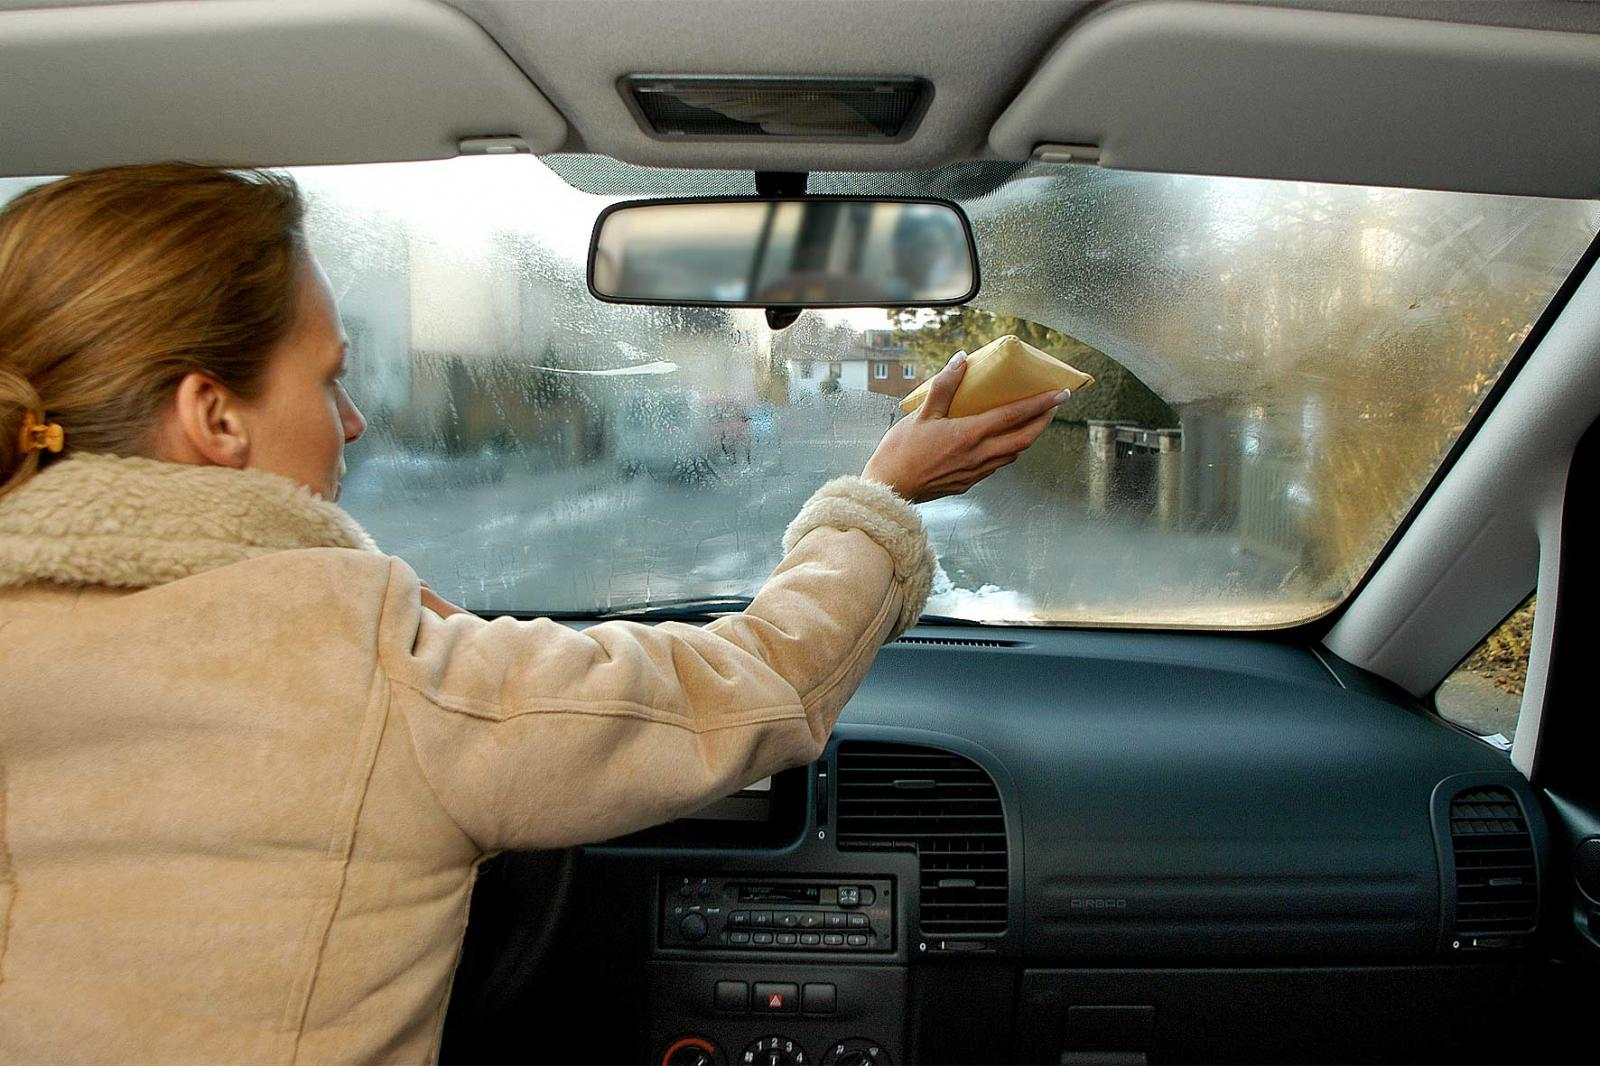 Viņa mašīnas logu paberzēja ar kartupeli. Tādu rezultātu es nevarēju iedomāties!